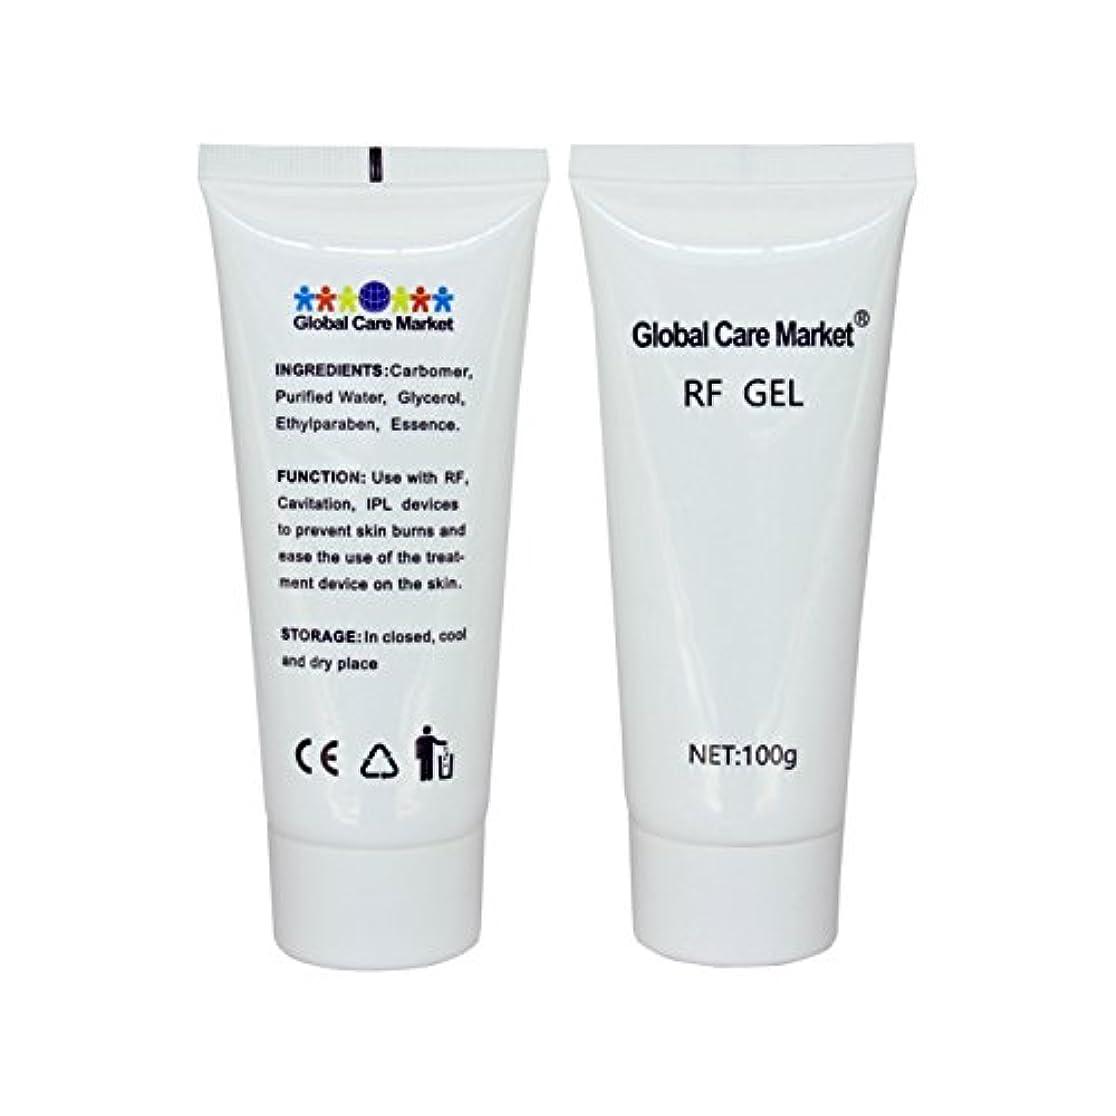 マルクス主義フォーマット切り刻むRF GEL(2 Pack) - 高周波治療装置に使用する皮膚冷却および潤滑です